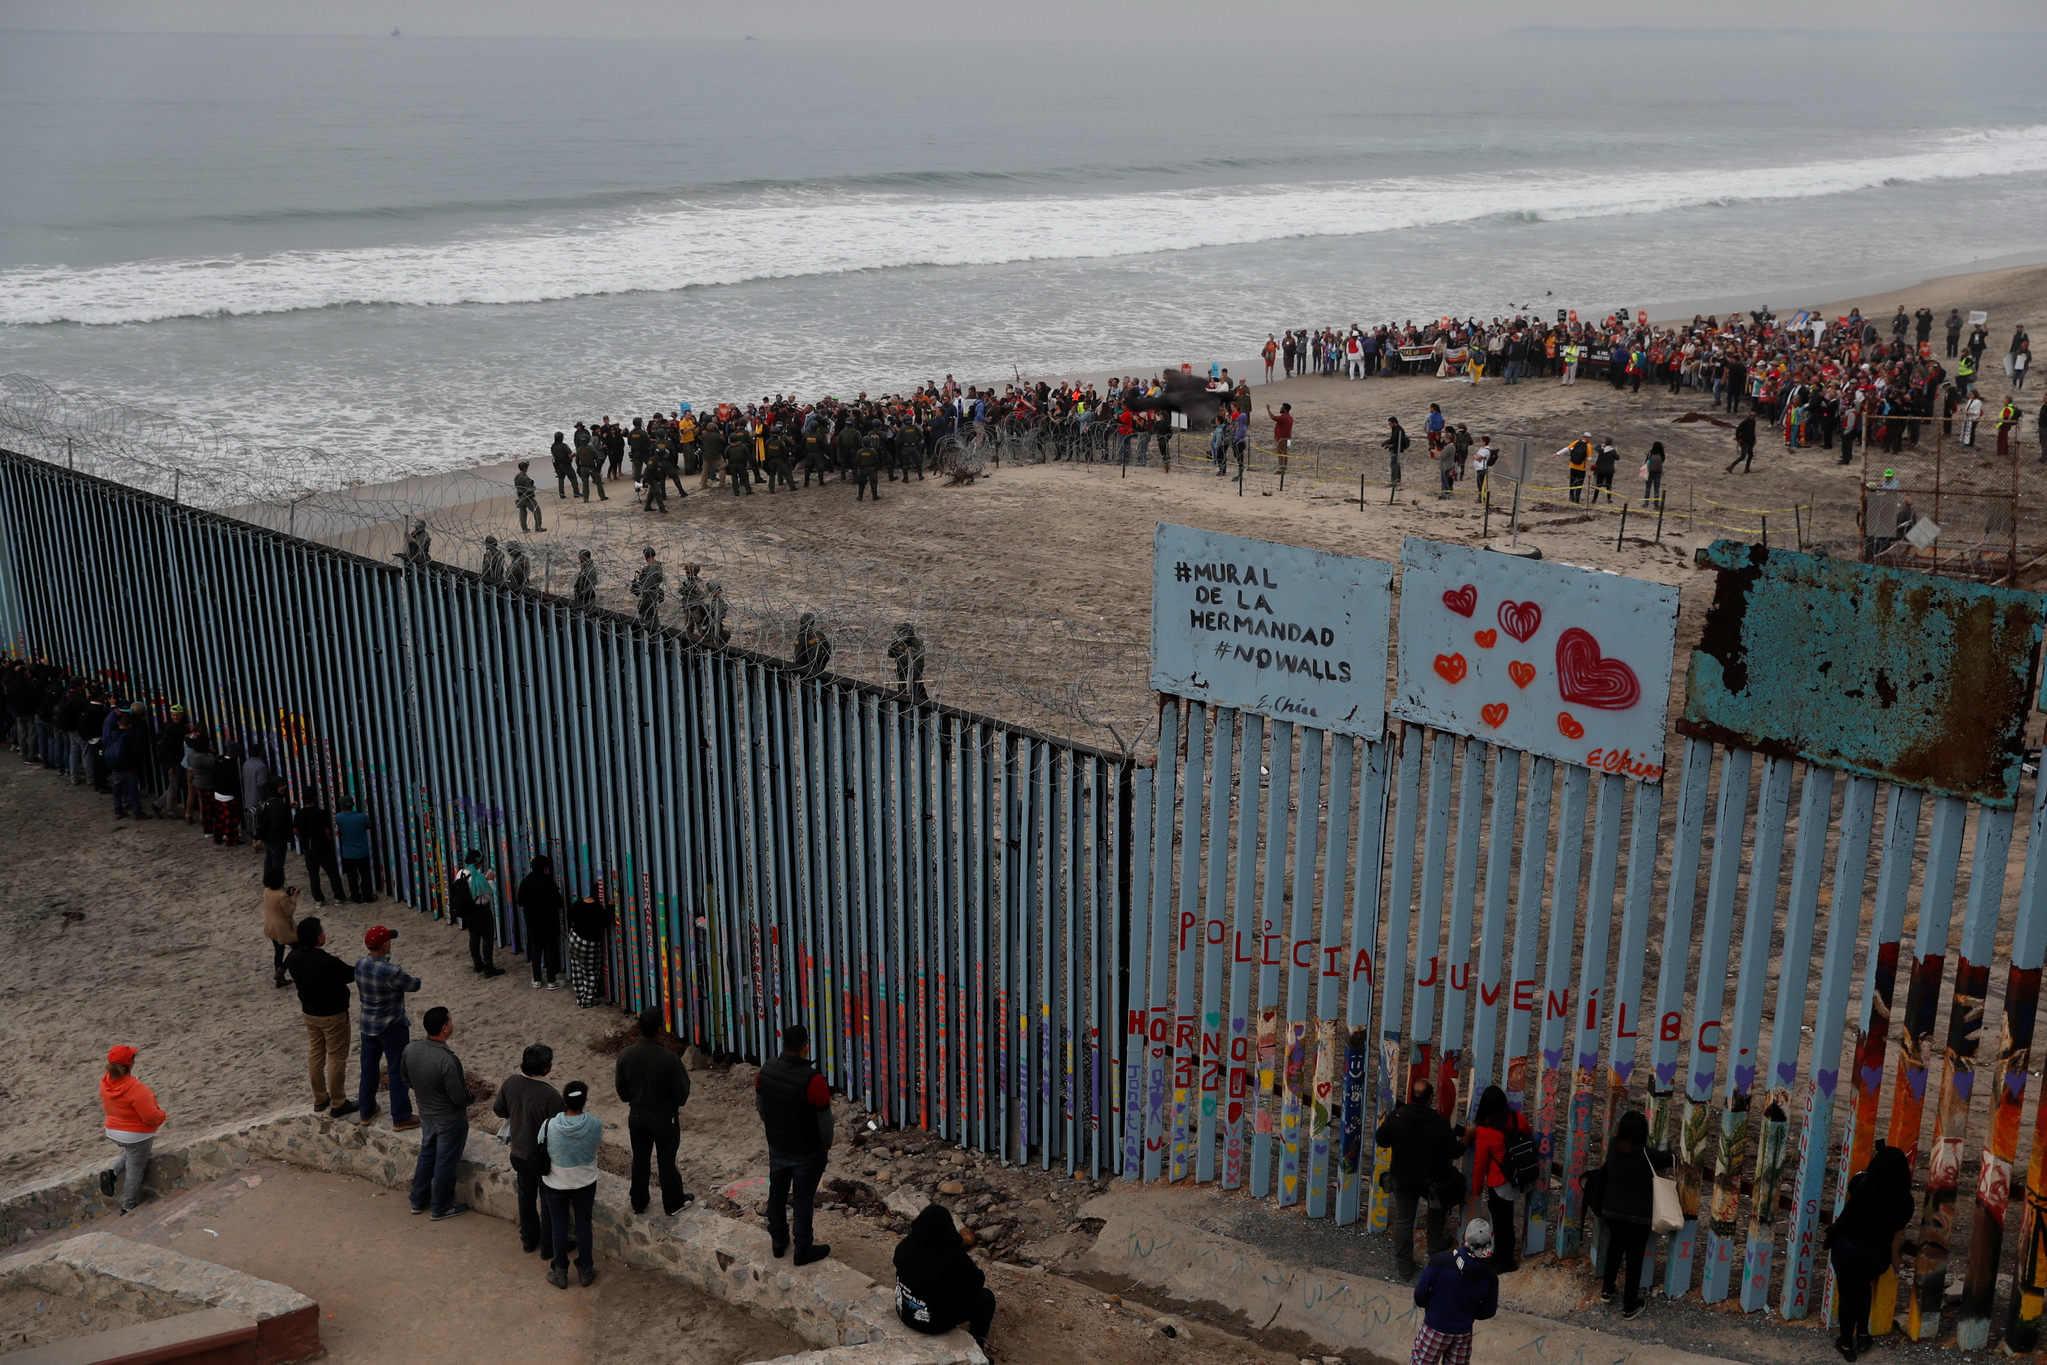 멕시코 티후아나에 가까운 미국 샌디에고 시민들이 10일 중미 이민자 '카라반'을 지지하는 집회를 열고 있다. 멕시코와 미국 국경에 설치된 철제 방벽 위에는 '우애의 방벽'(mural de la hermandad)이라는 스페인어와 '방벽 반대'(No Walls)가 적혀 있다. [로이터=연합뉴스]